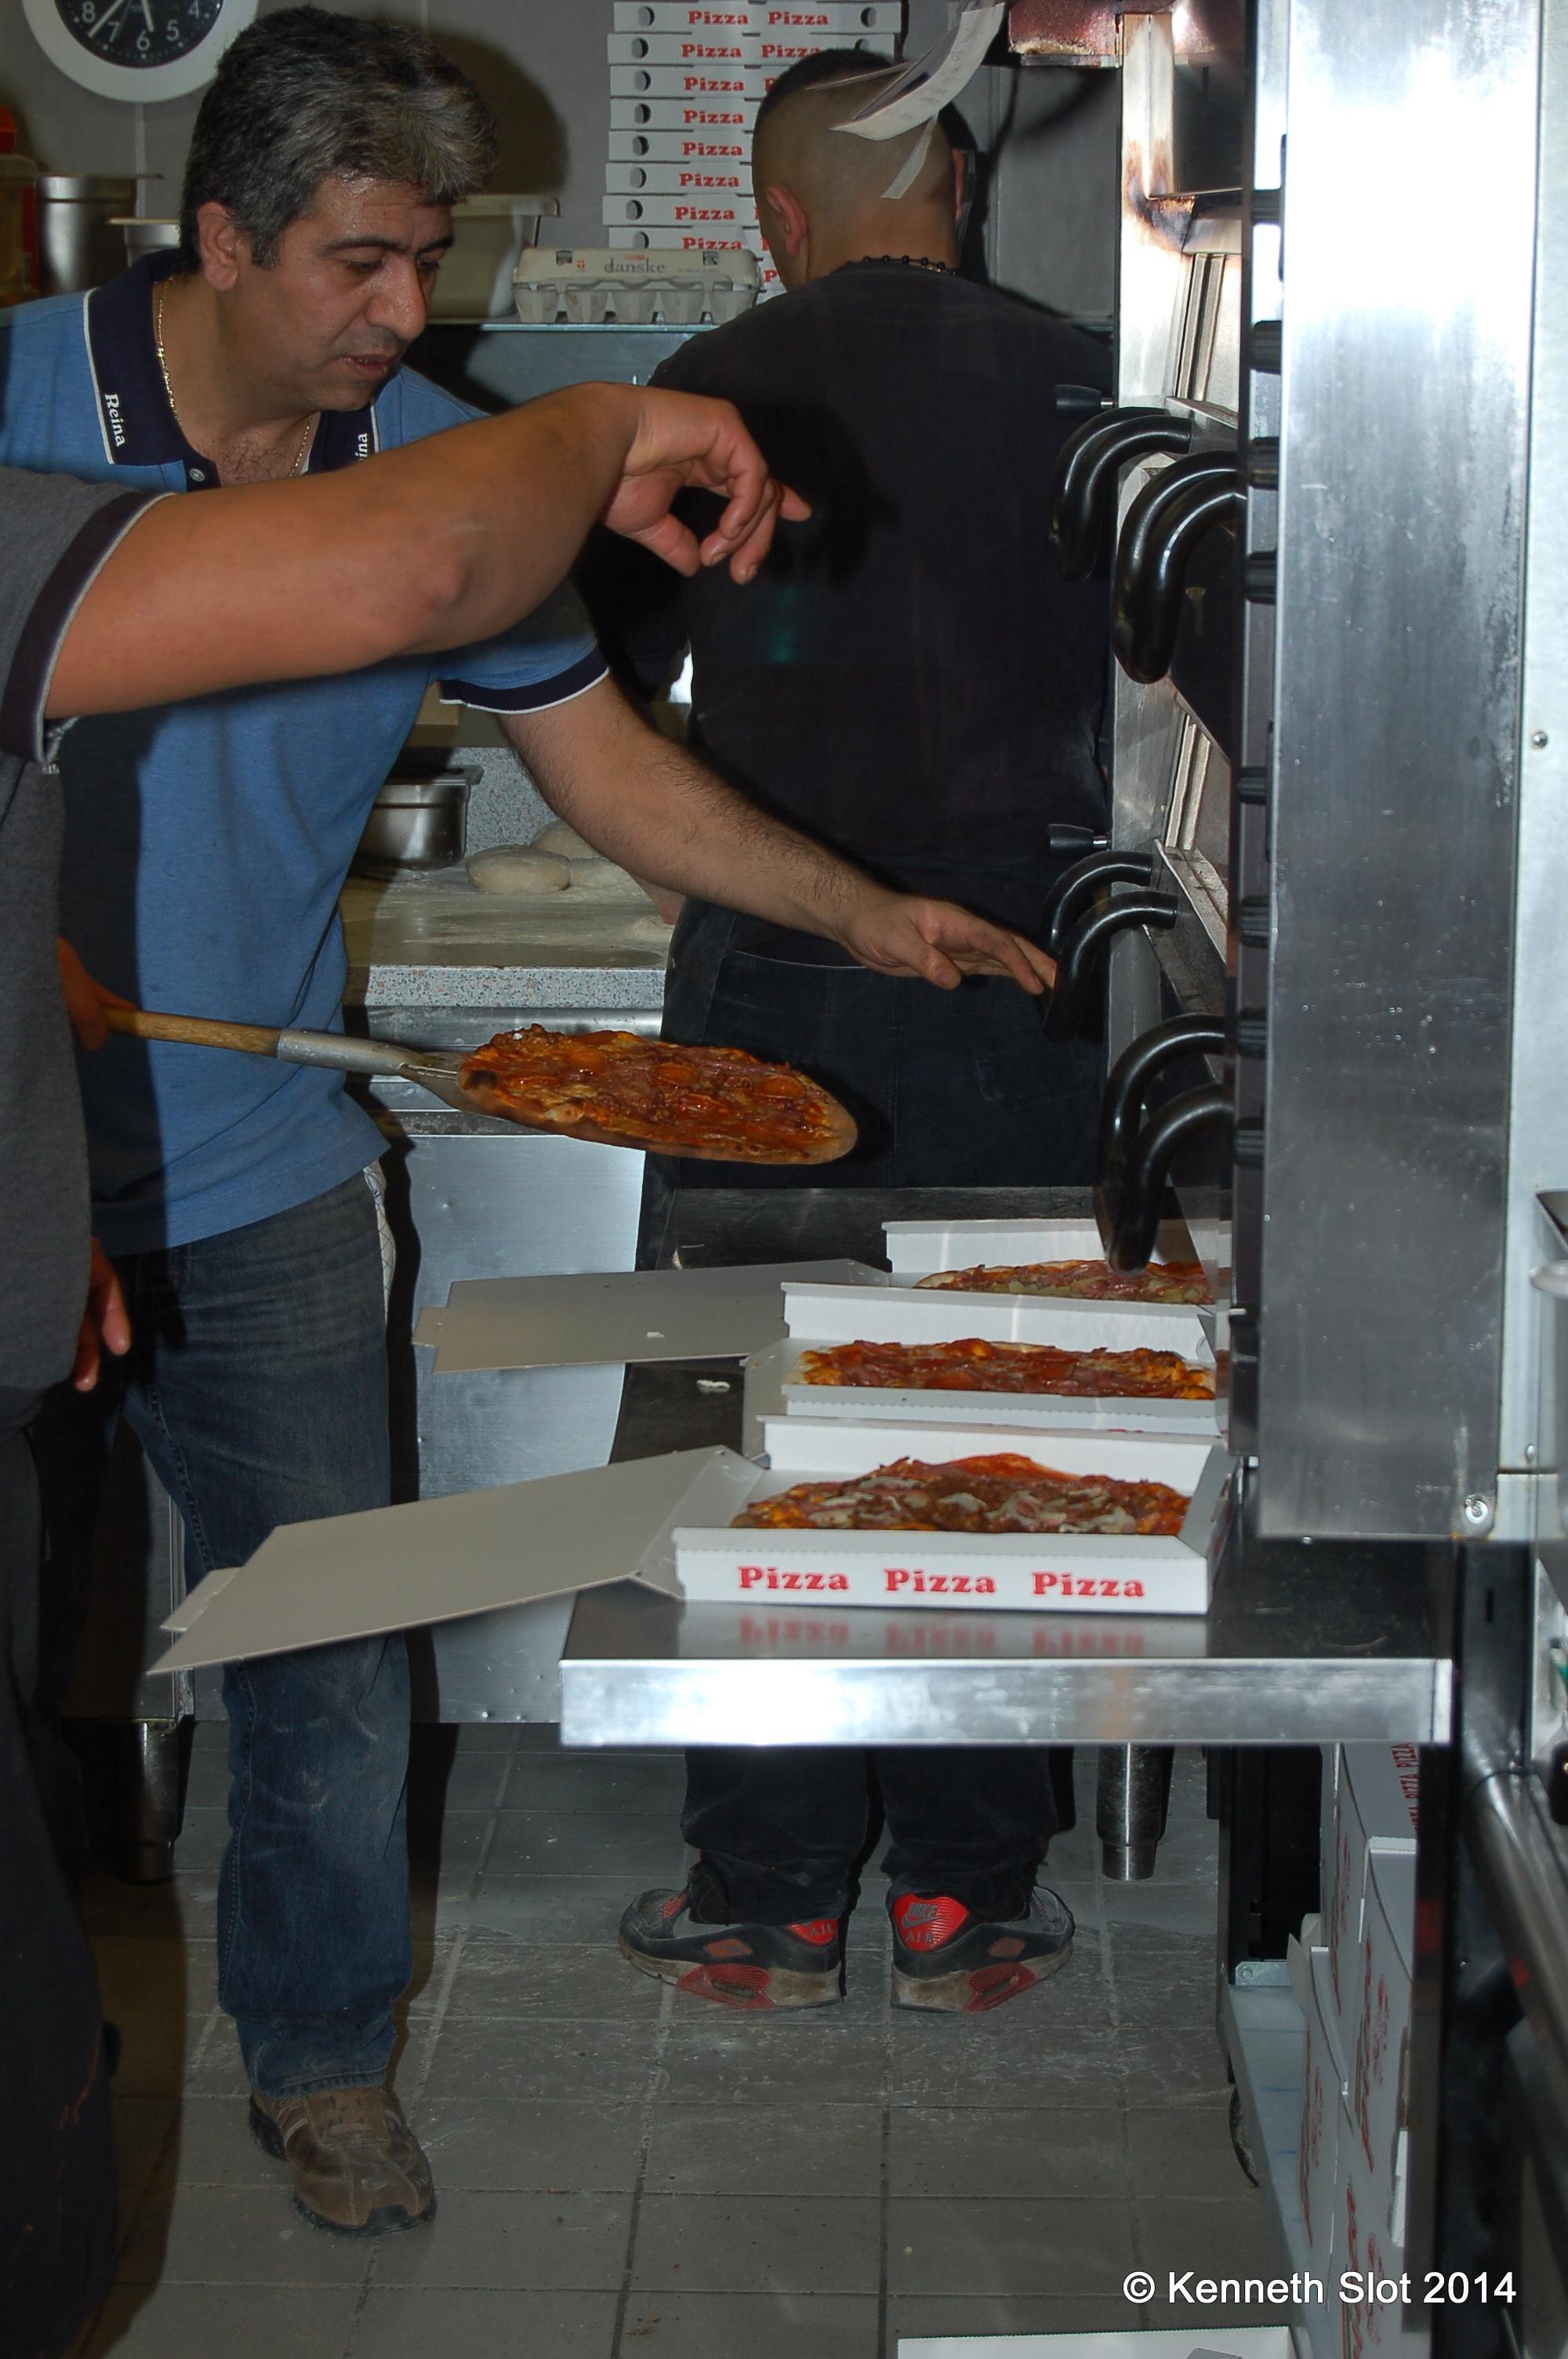 Lækre pizzaer på vej til kunderne